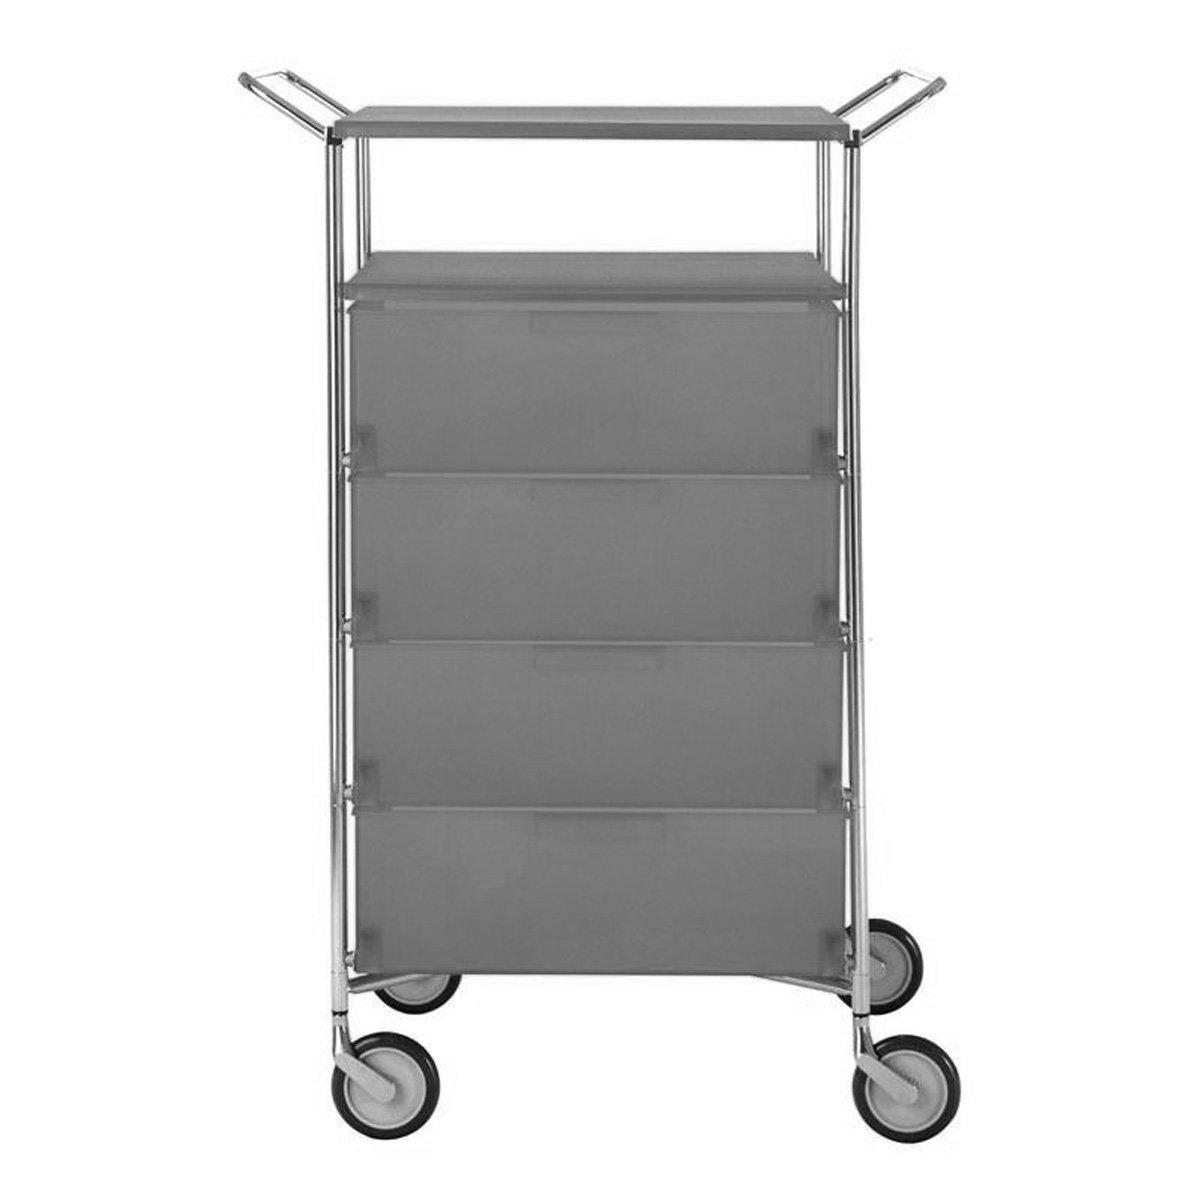 Kartell 2334L5 Container Mobil, 4 Schubladen, matt schiefergrau